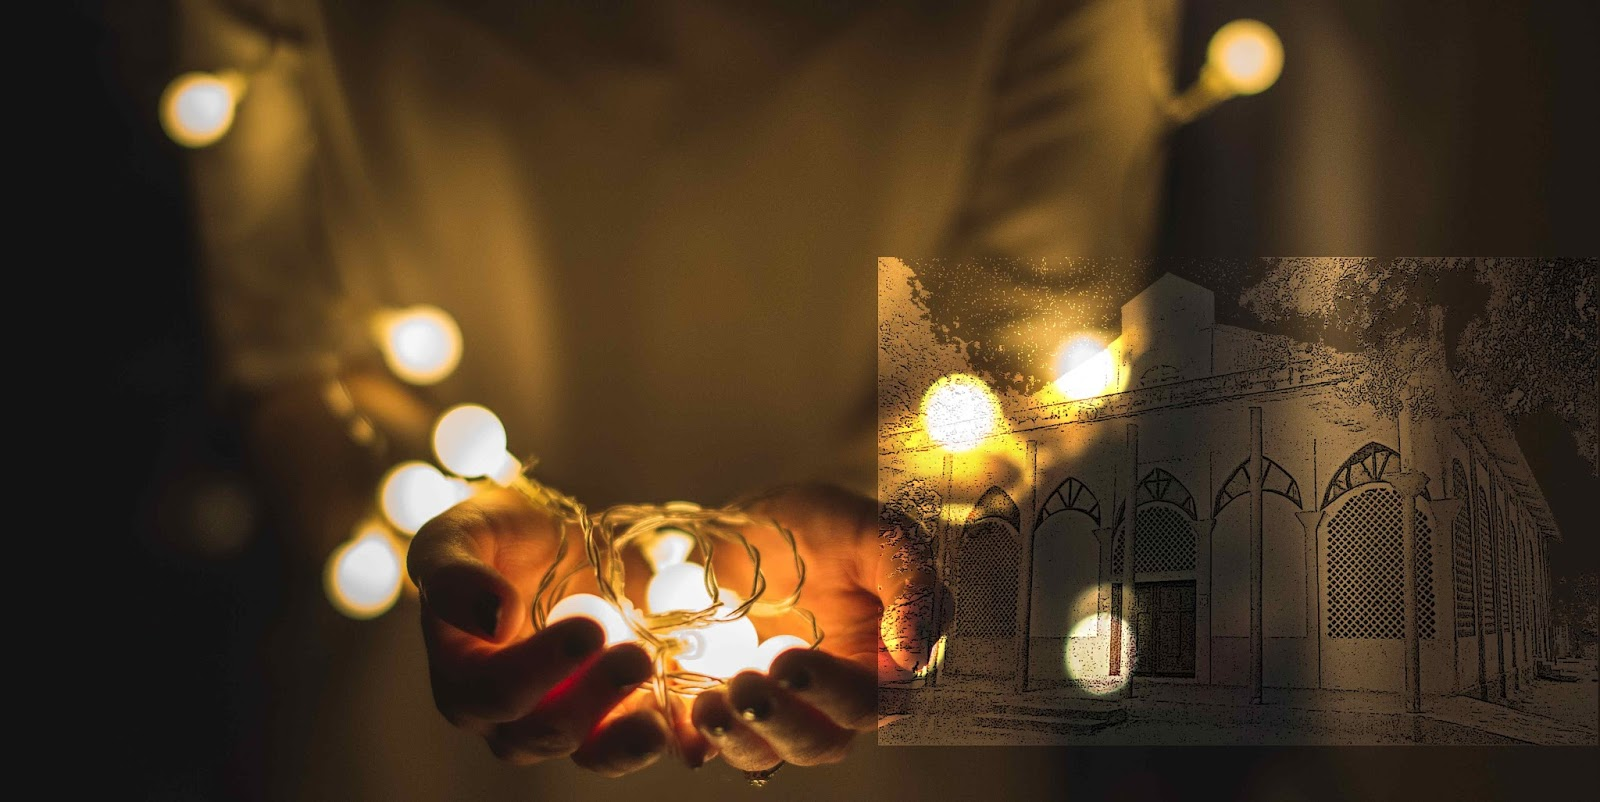 http://www.saintmaximeantony.org/2017/03/partage-de-careme.html